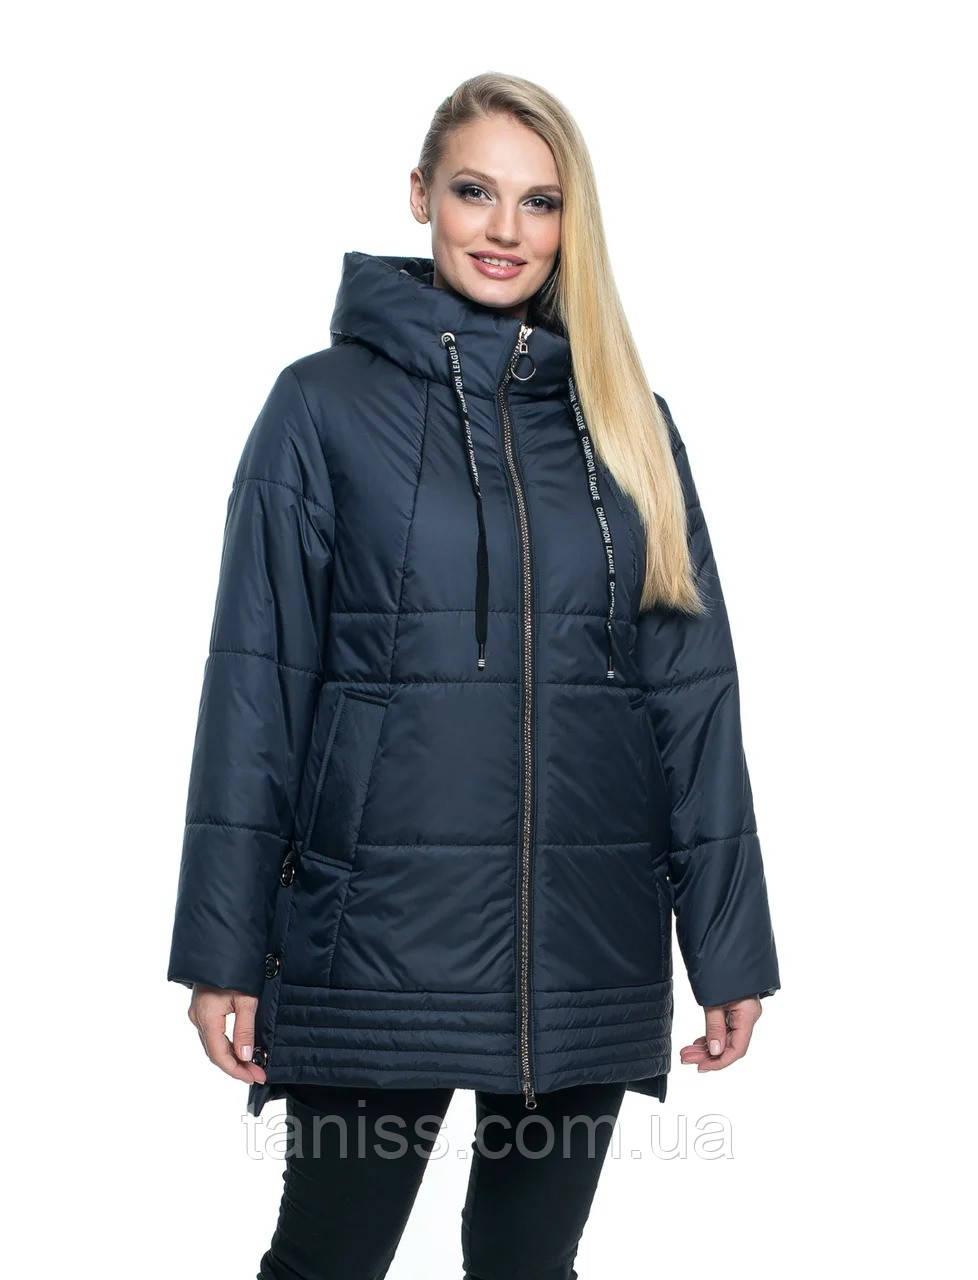 Женская,стильная, демисезонная куртка большого размера, капюшон вшитый, р-ры с 50 по 66,синий (107)